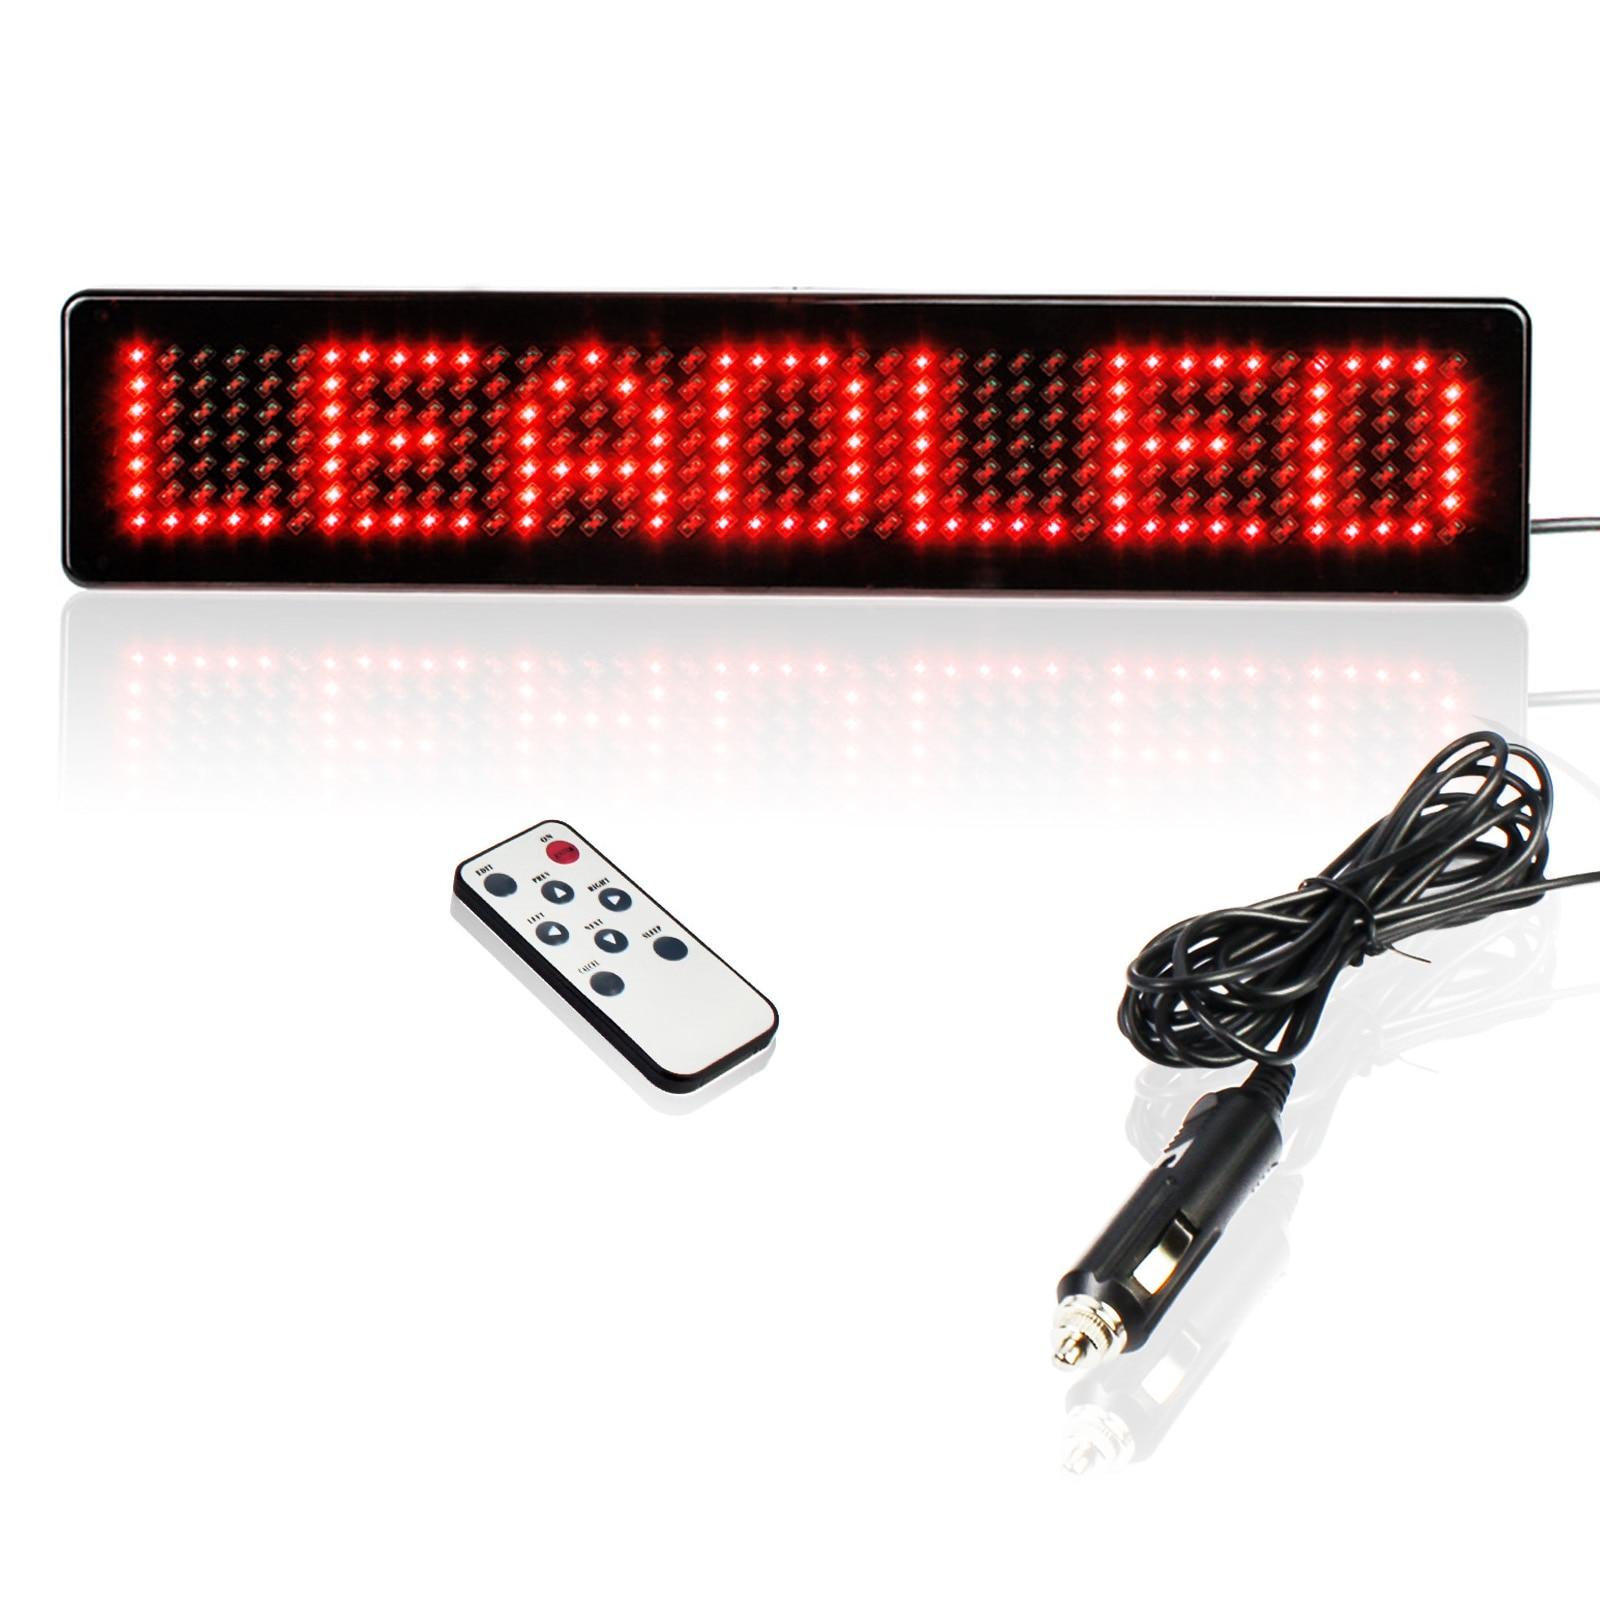 Светодиодные автомобильные знаки, 23 см, 12 В, с дистанционным управлением, программируемая прокрутка, сообщения, Светодиодная панель дисплея...